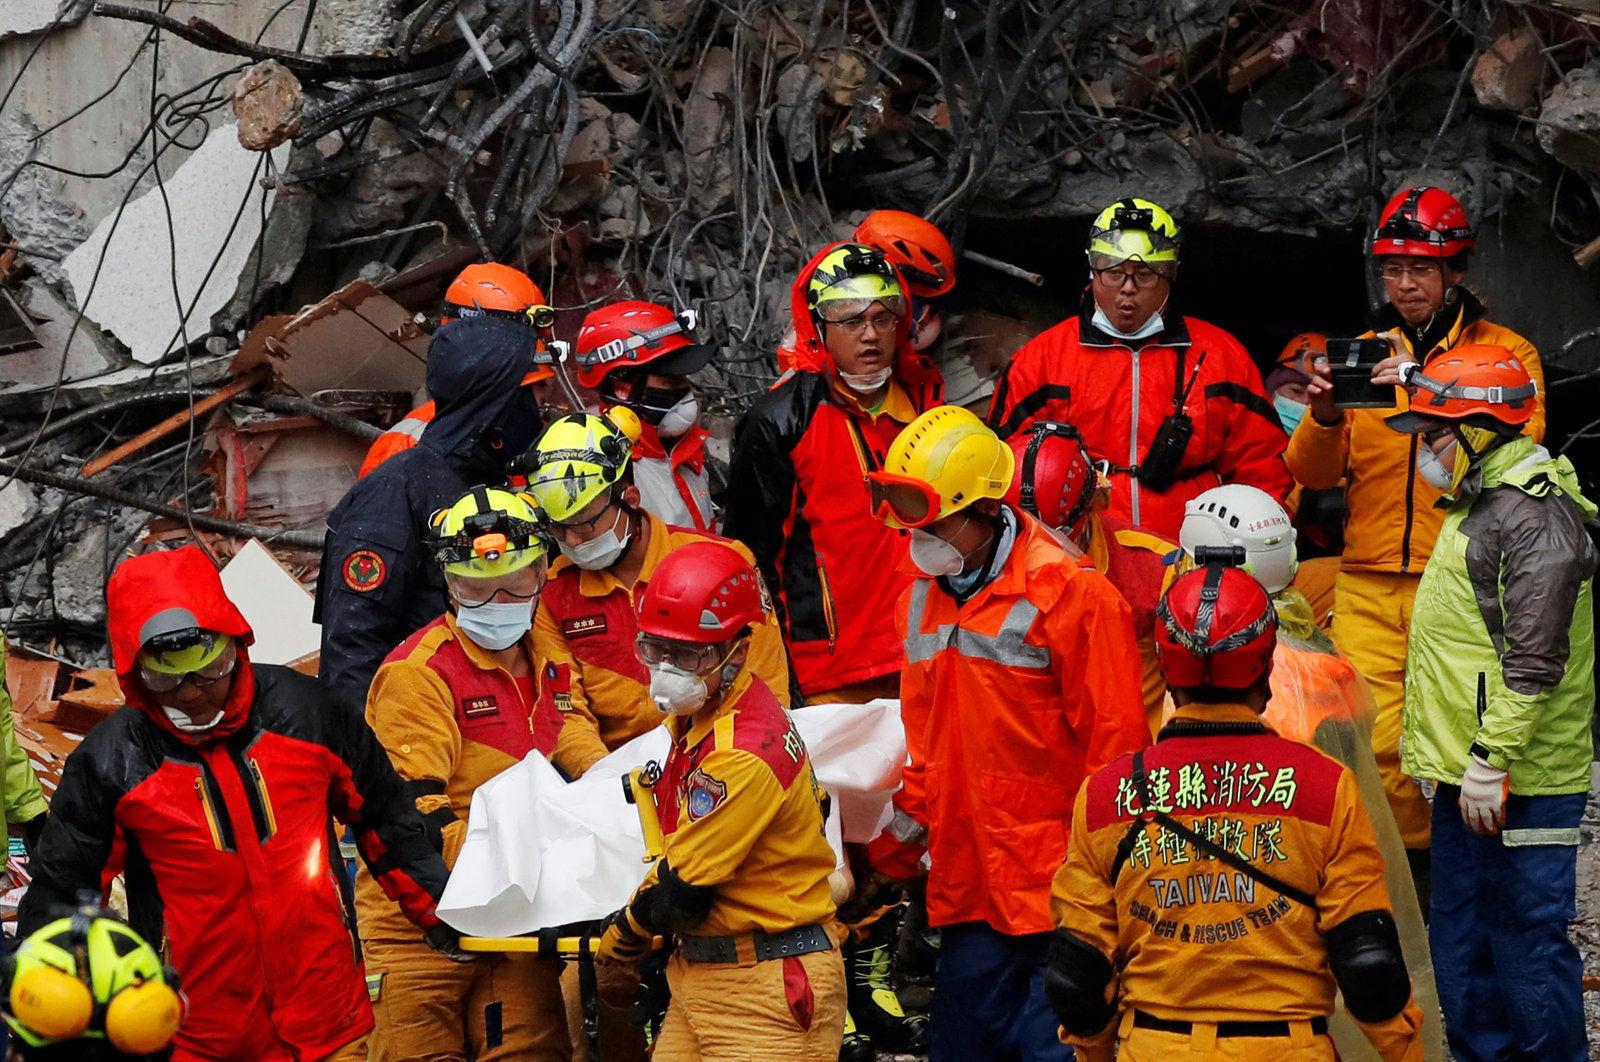 Бээжингийн тусламжаас татгалзсан Тайвань улс Японы аврагчдыг хүлээж авчээ